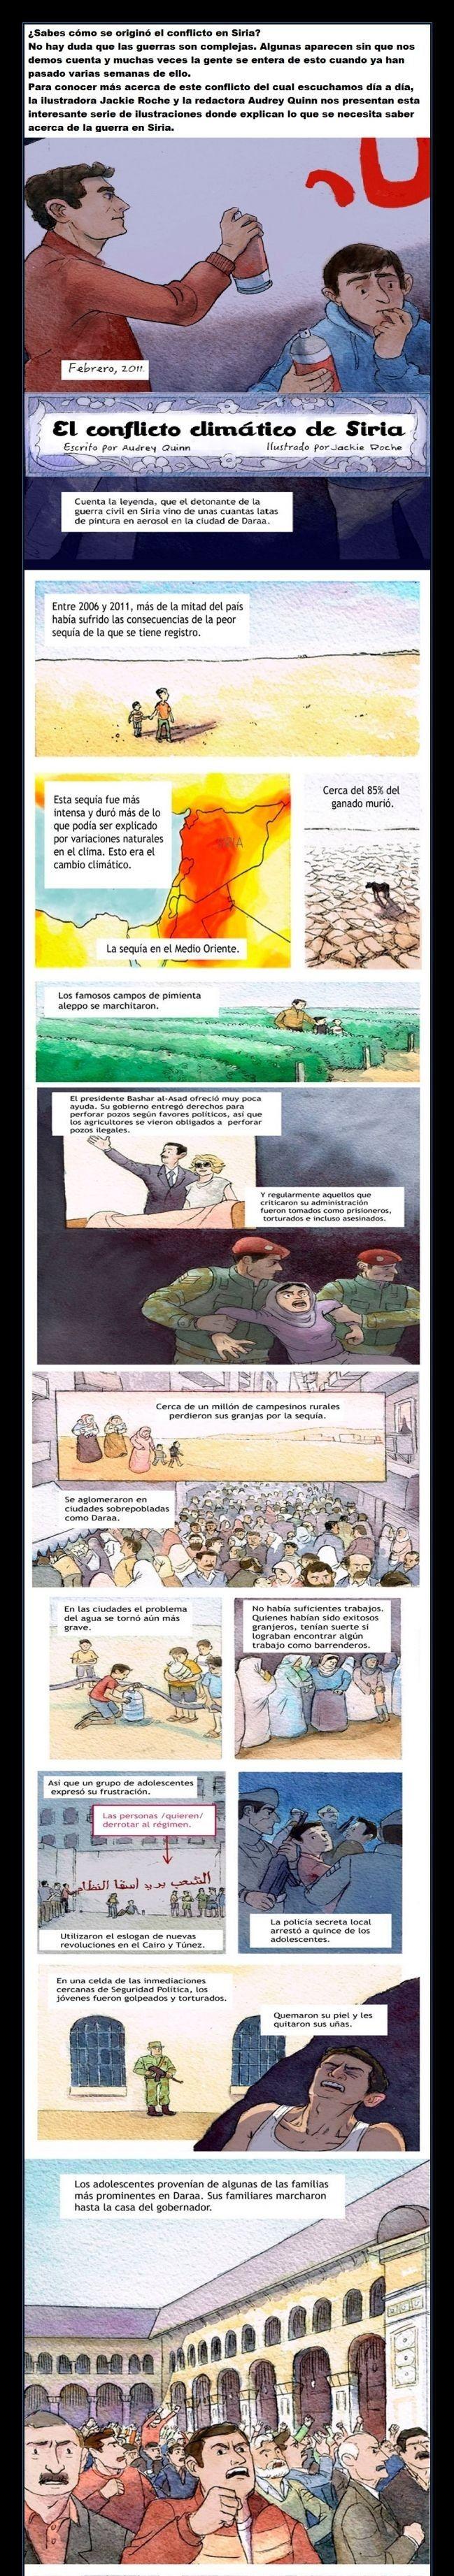 Cómic muy ilustrativo para entender algunas causas de la guerra de Siria